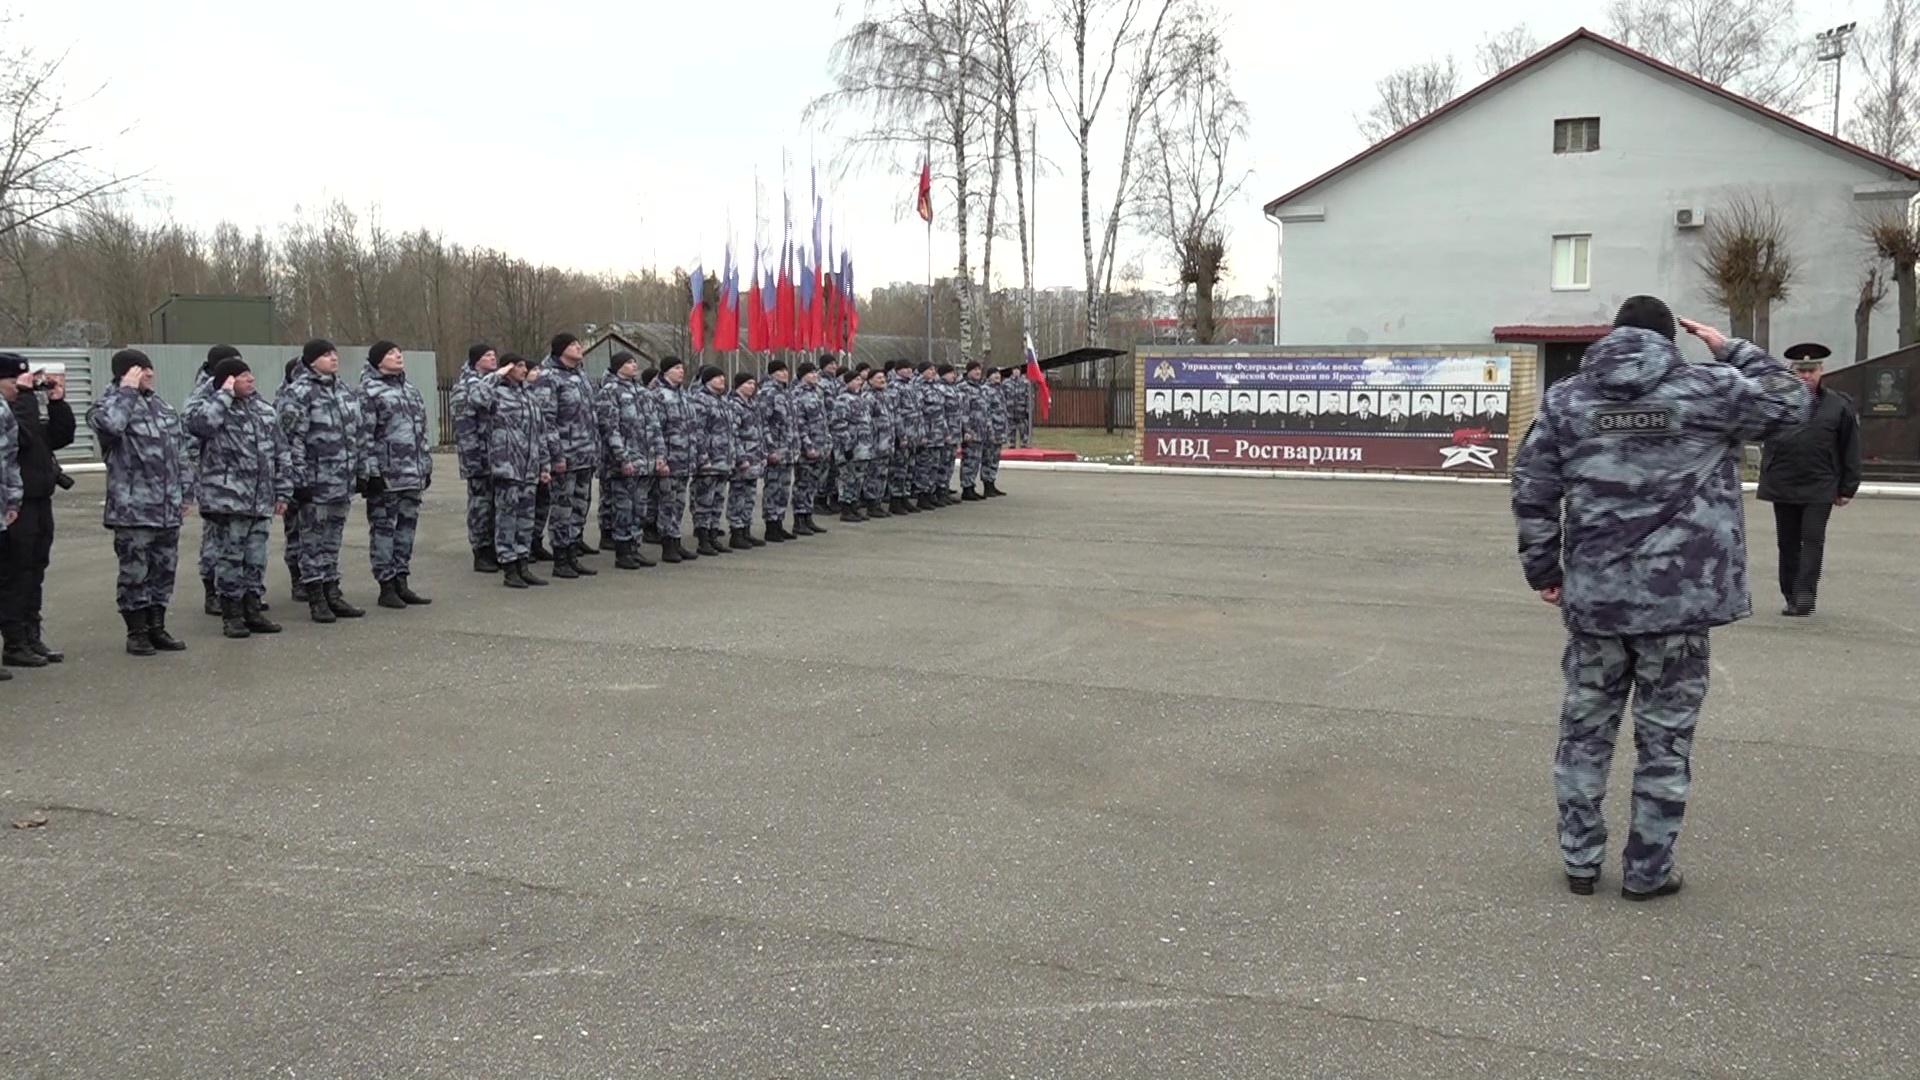 Бойцы ярославского ОМОНа приняли поздравления с годовщиной подразделения